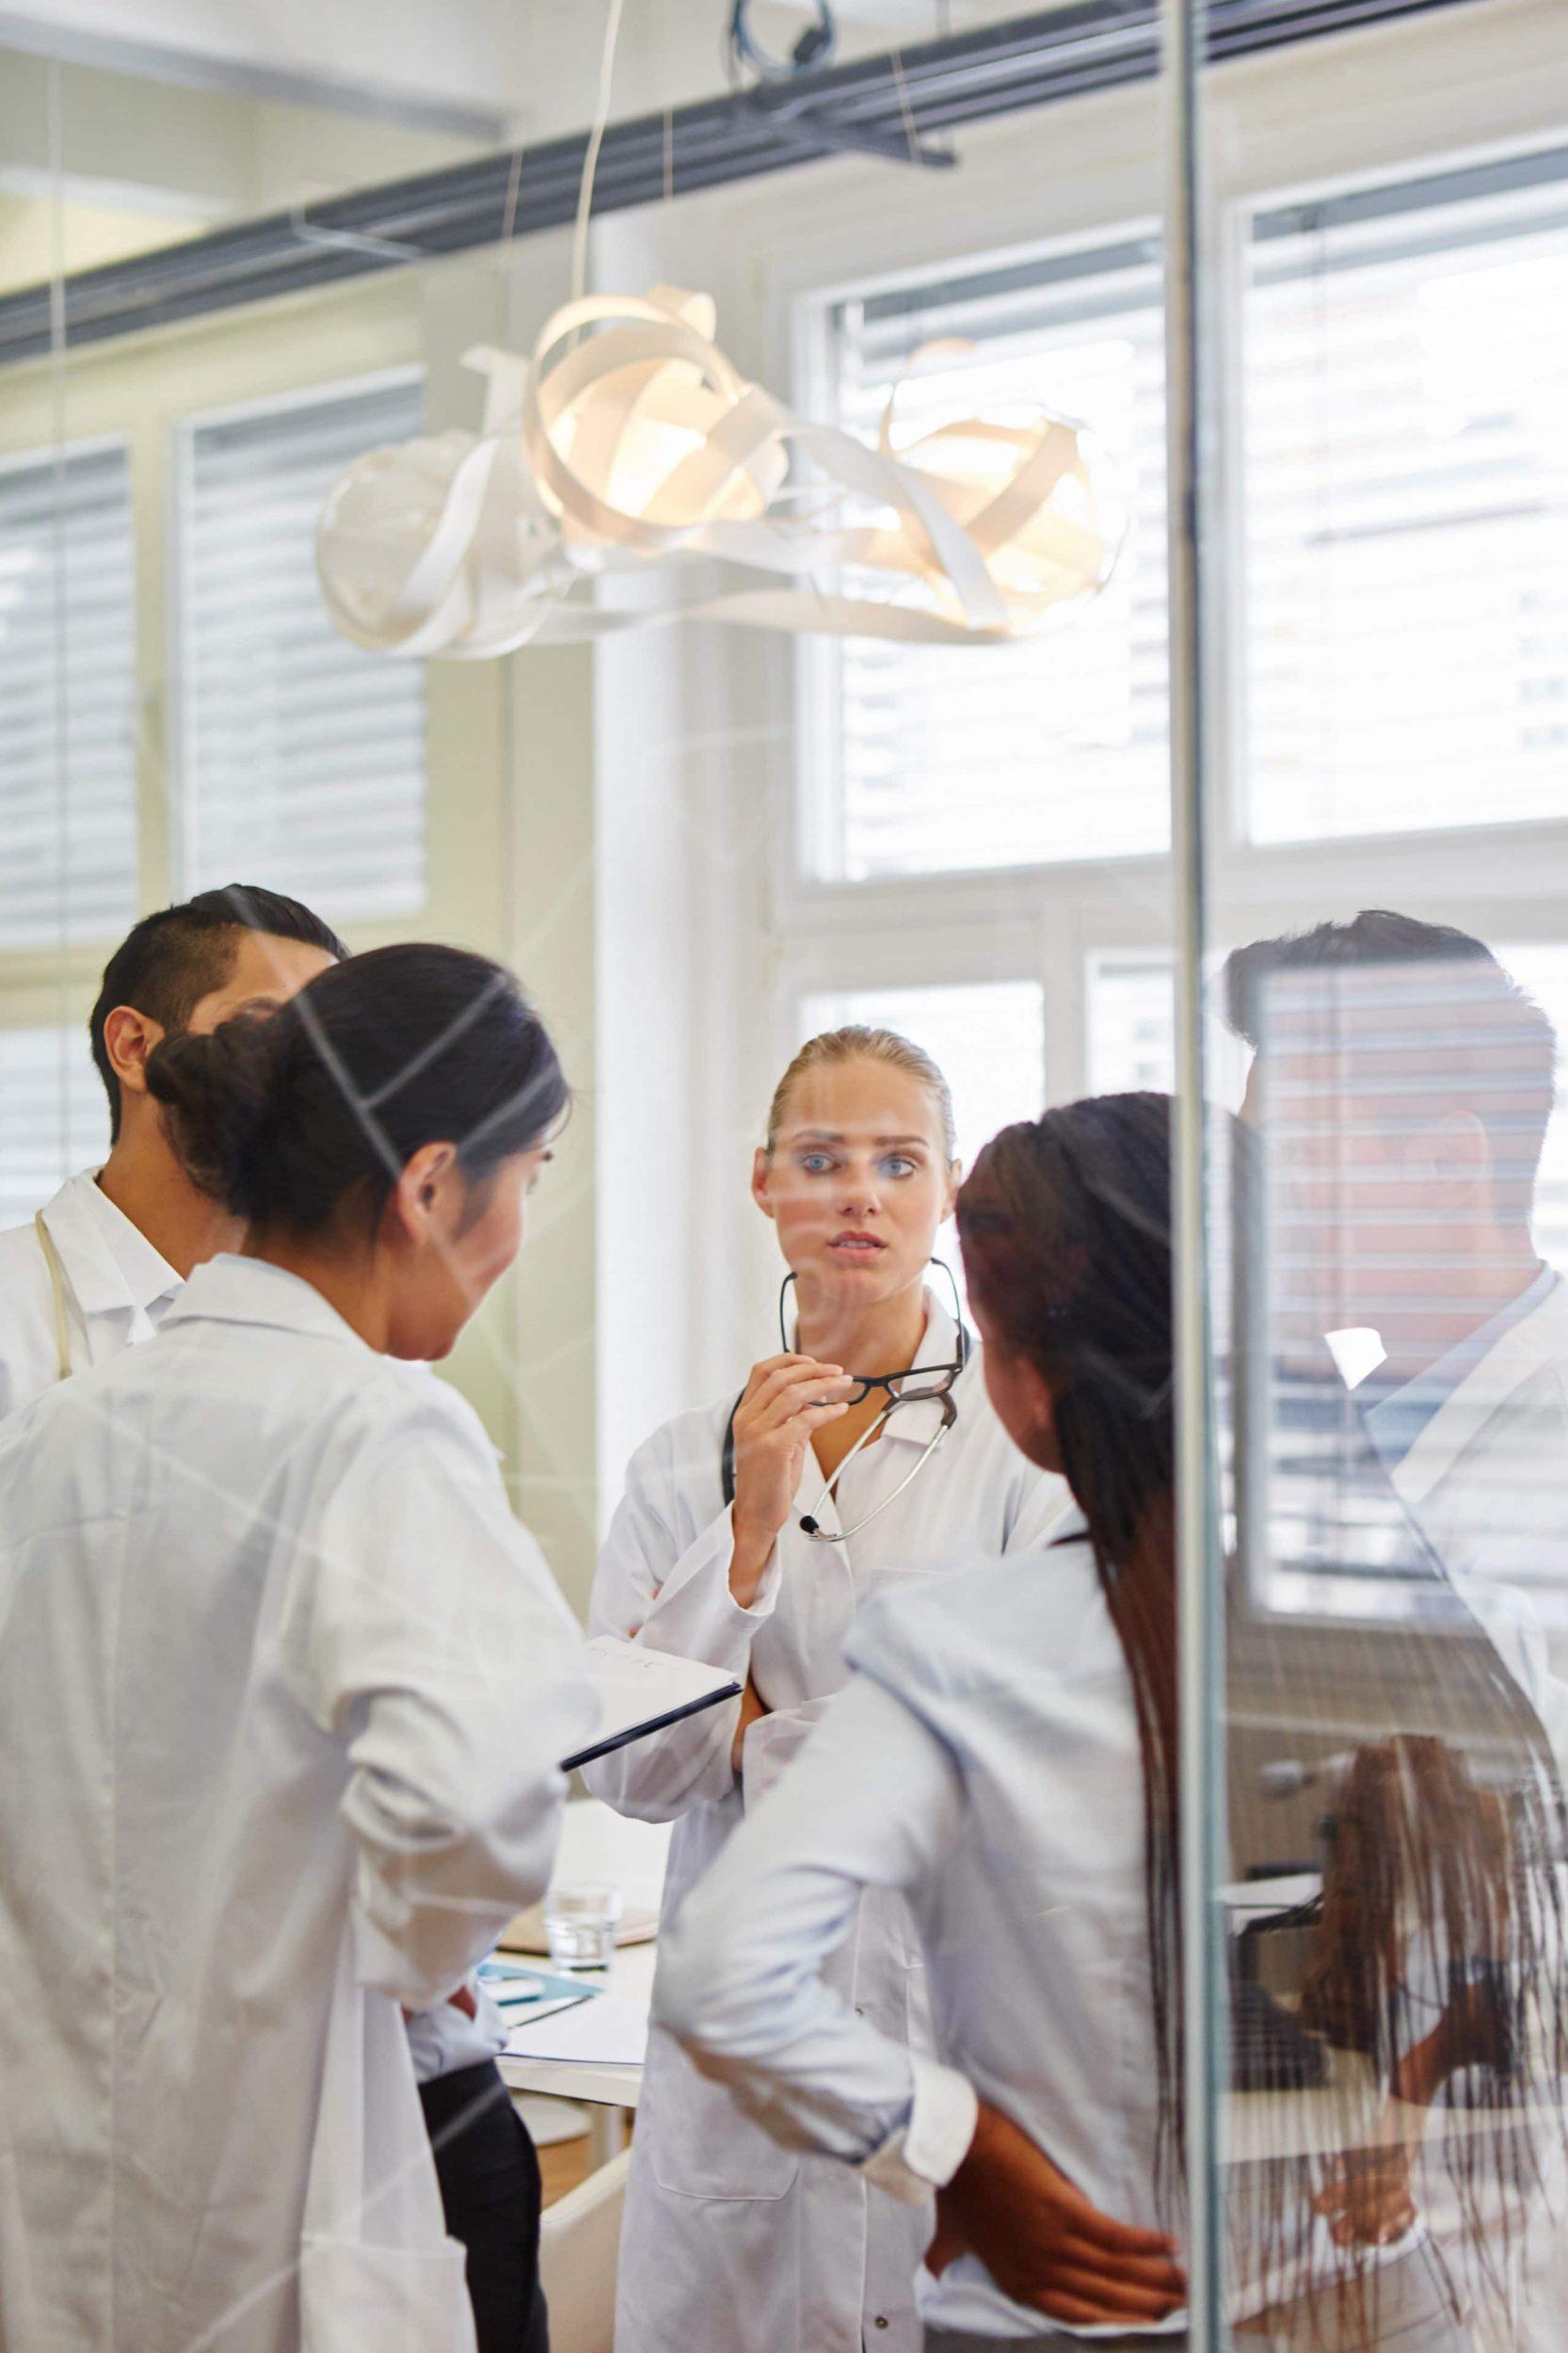 Doctors brainstorming during meeting as team in workshop